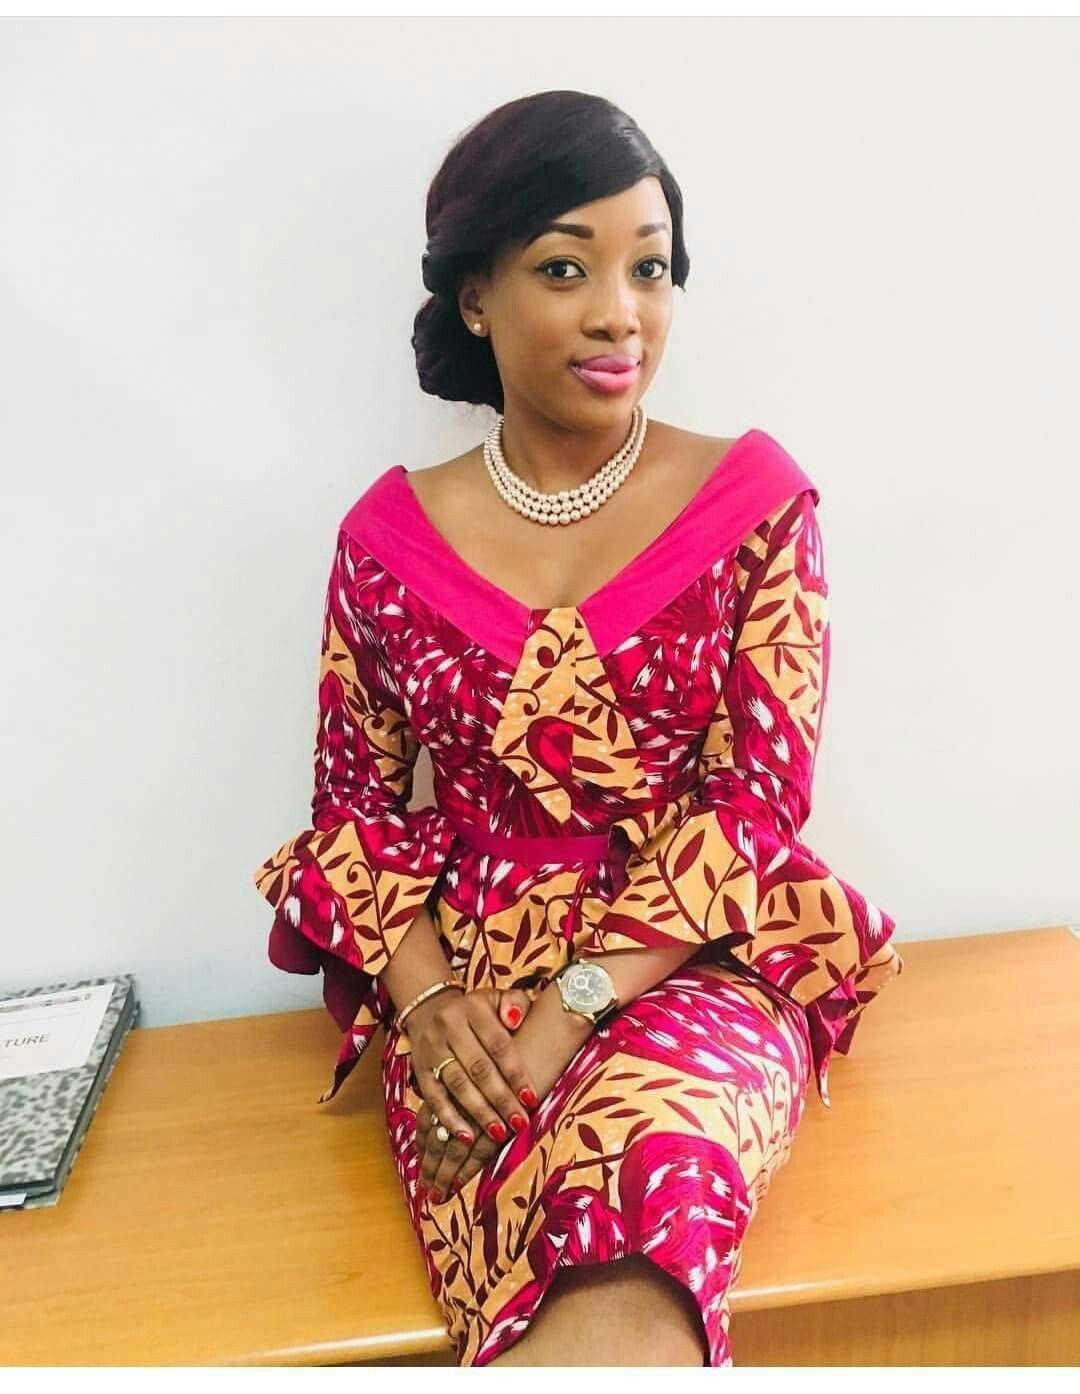 Épinglé par Leslie Nana sur leslie | Model pagne africain, Tenue africaine, Mode africaine